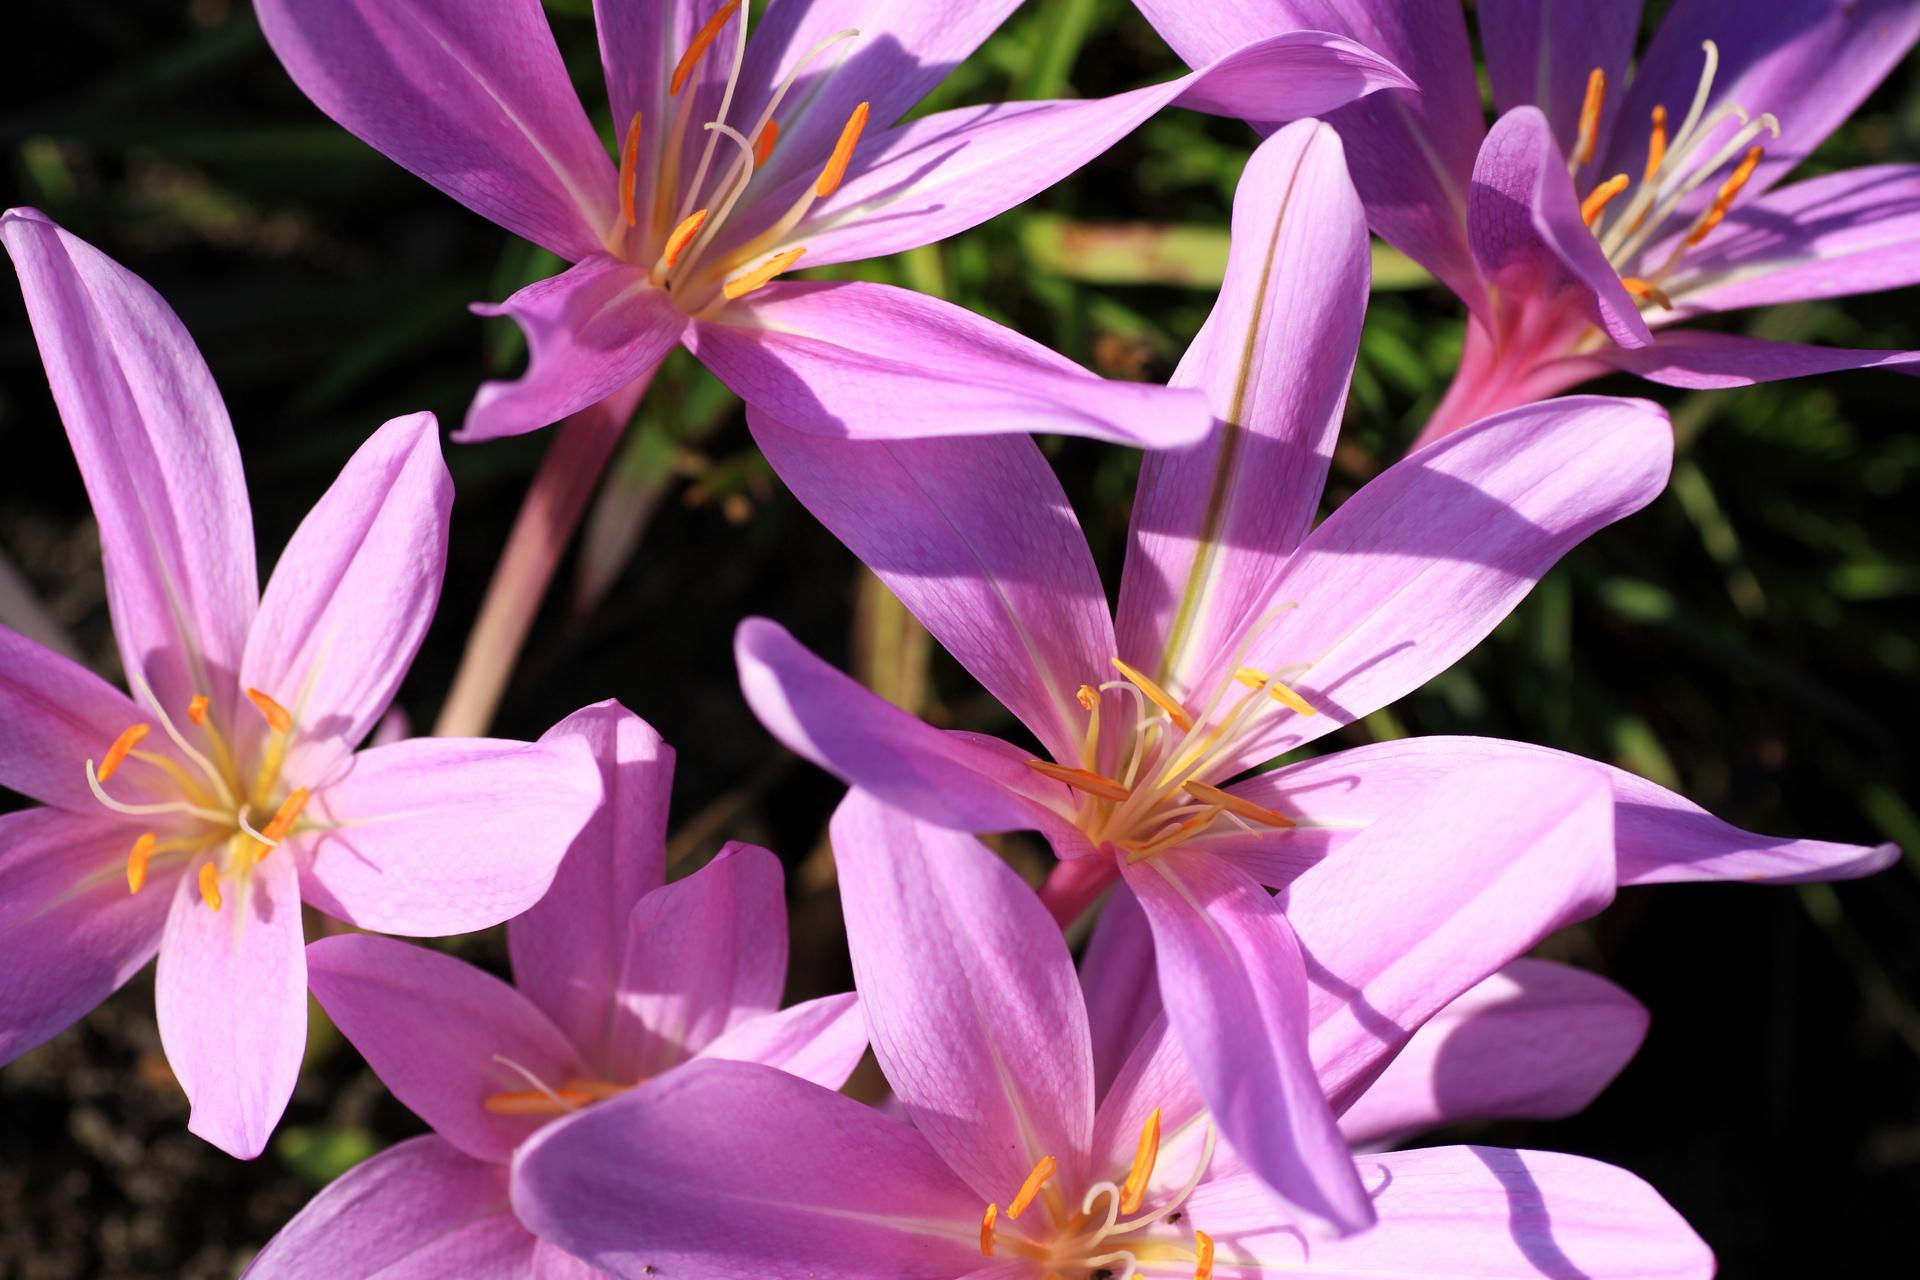 Zimowit jesienny. Jest niezwykle podobny do krokusa i bardzo często te dwa kwiaty są mylone nawet przez doświadczonych ogrodników. Fot.: depositphotos.com